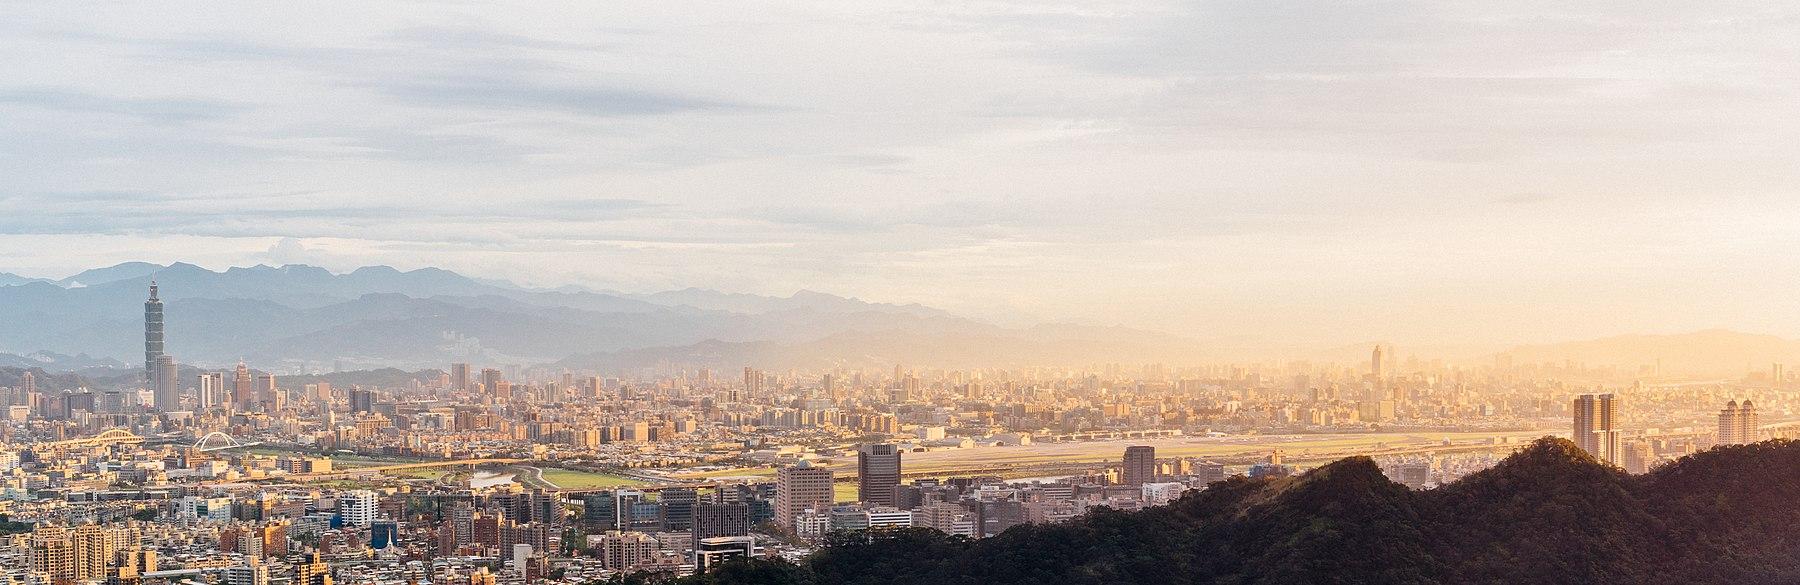 Remote view of Taipei 101, Taipei City and Taipei Songshan Airport at sunset.jpg